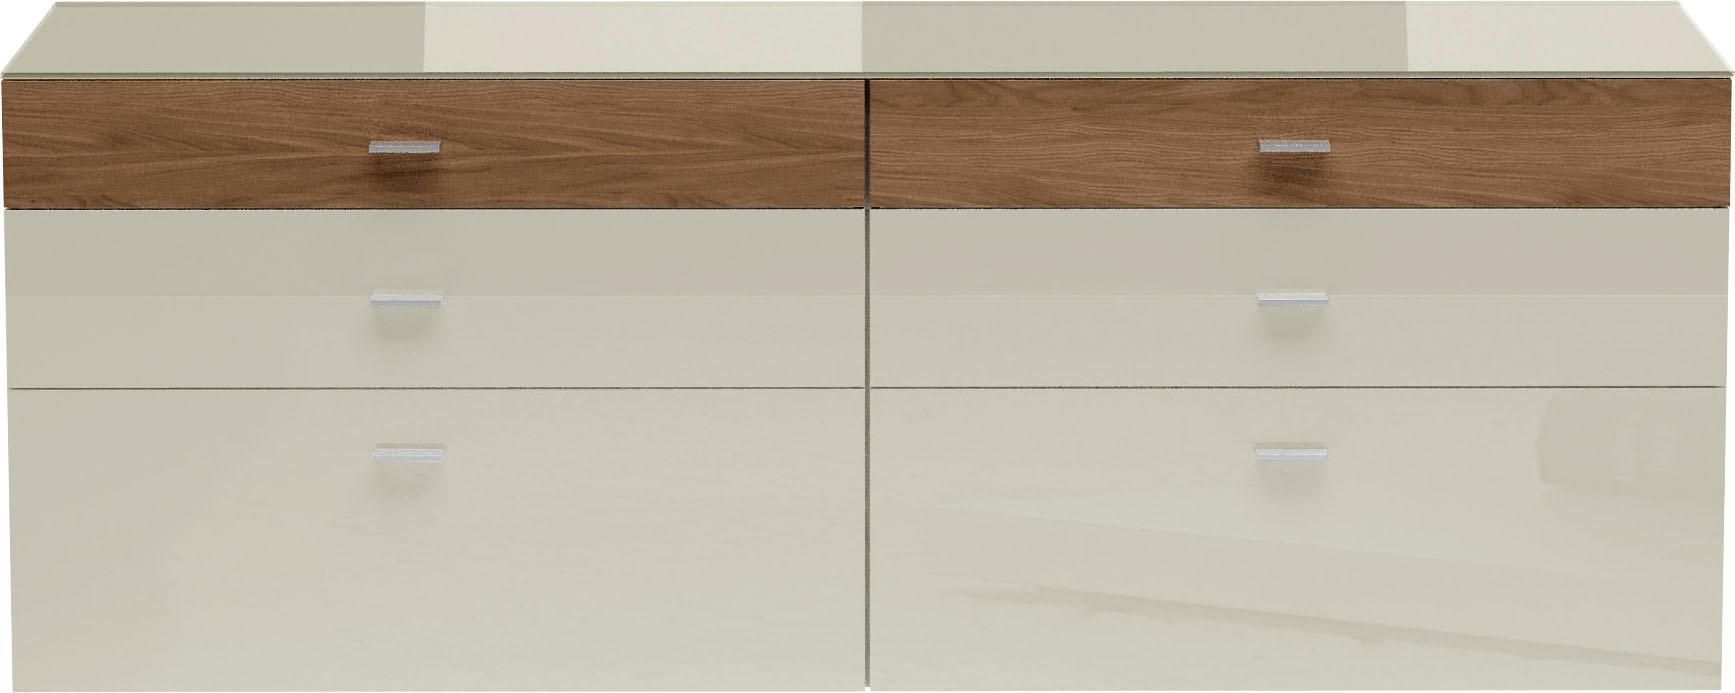 now! by hülsta Sideboard now! no 14 mit schmaler Holzfront Breite 210 cm